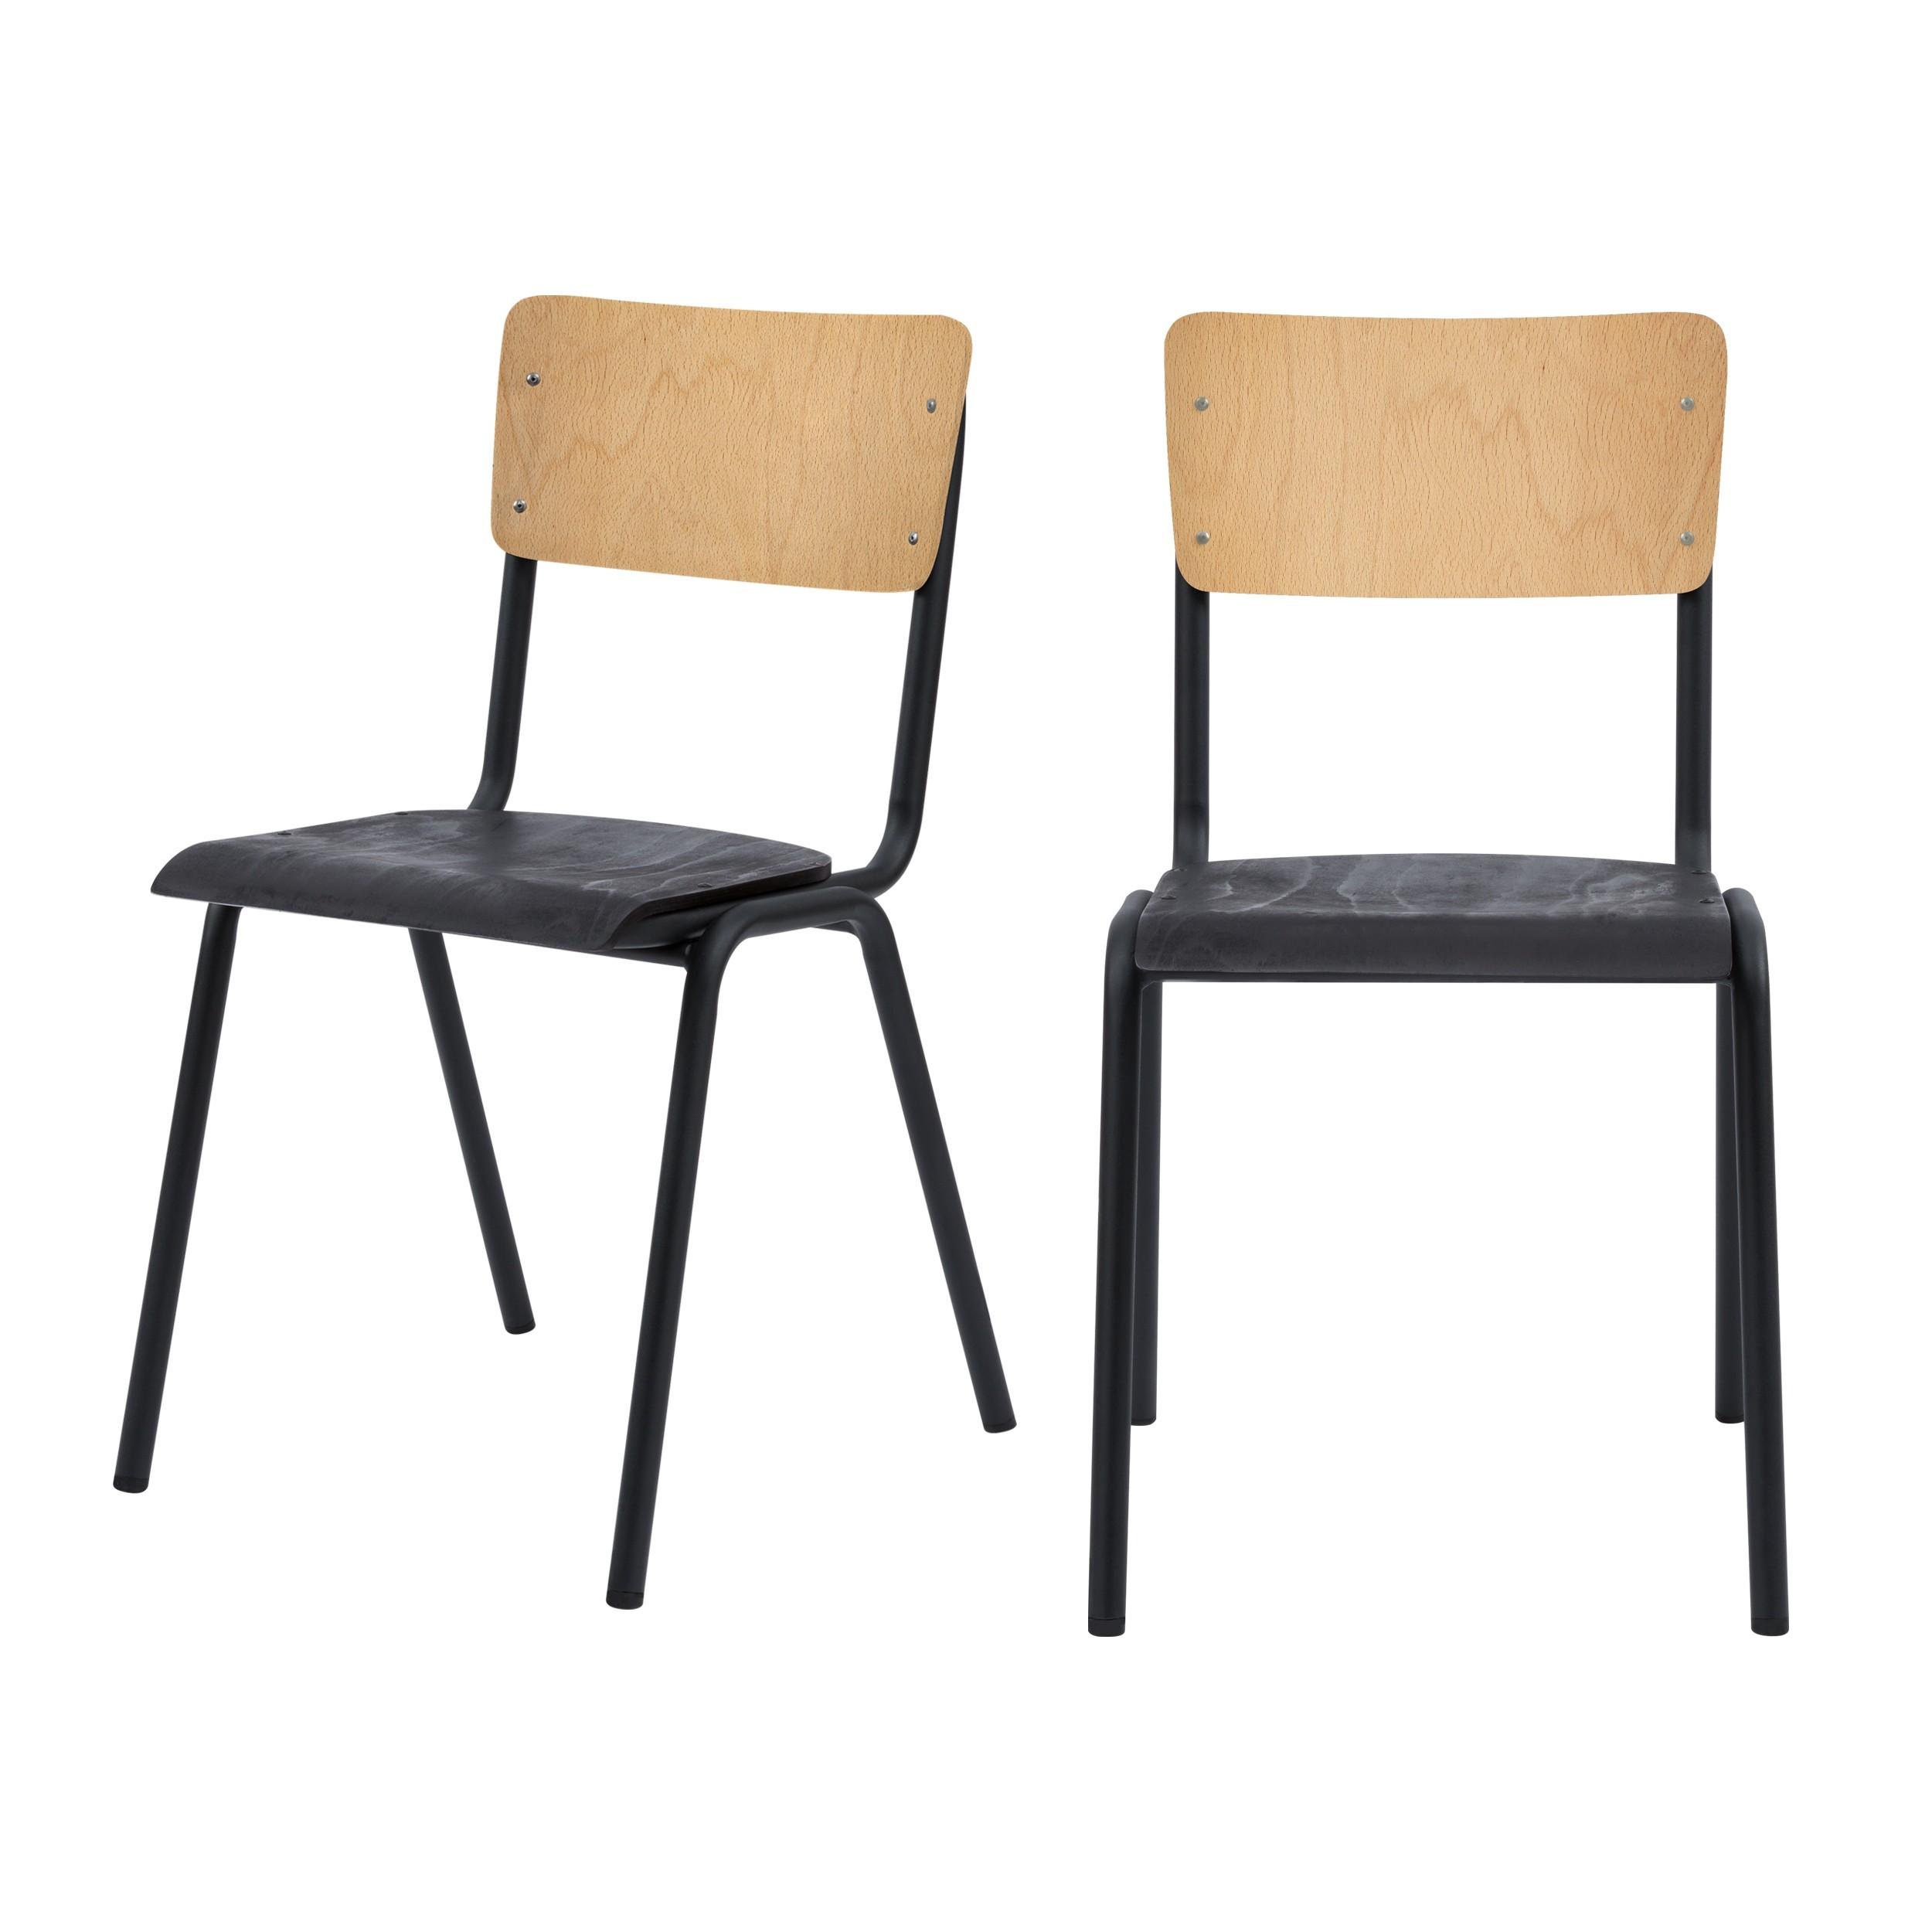 achat chaise en bois noir et clair